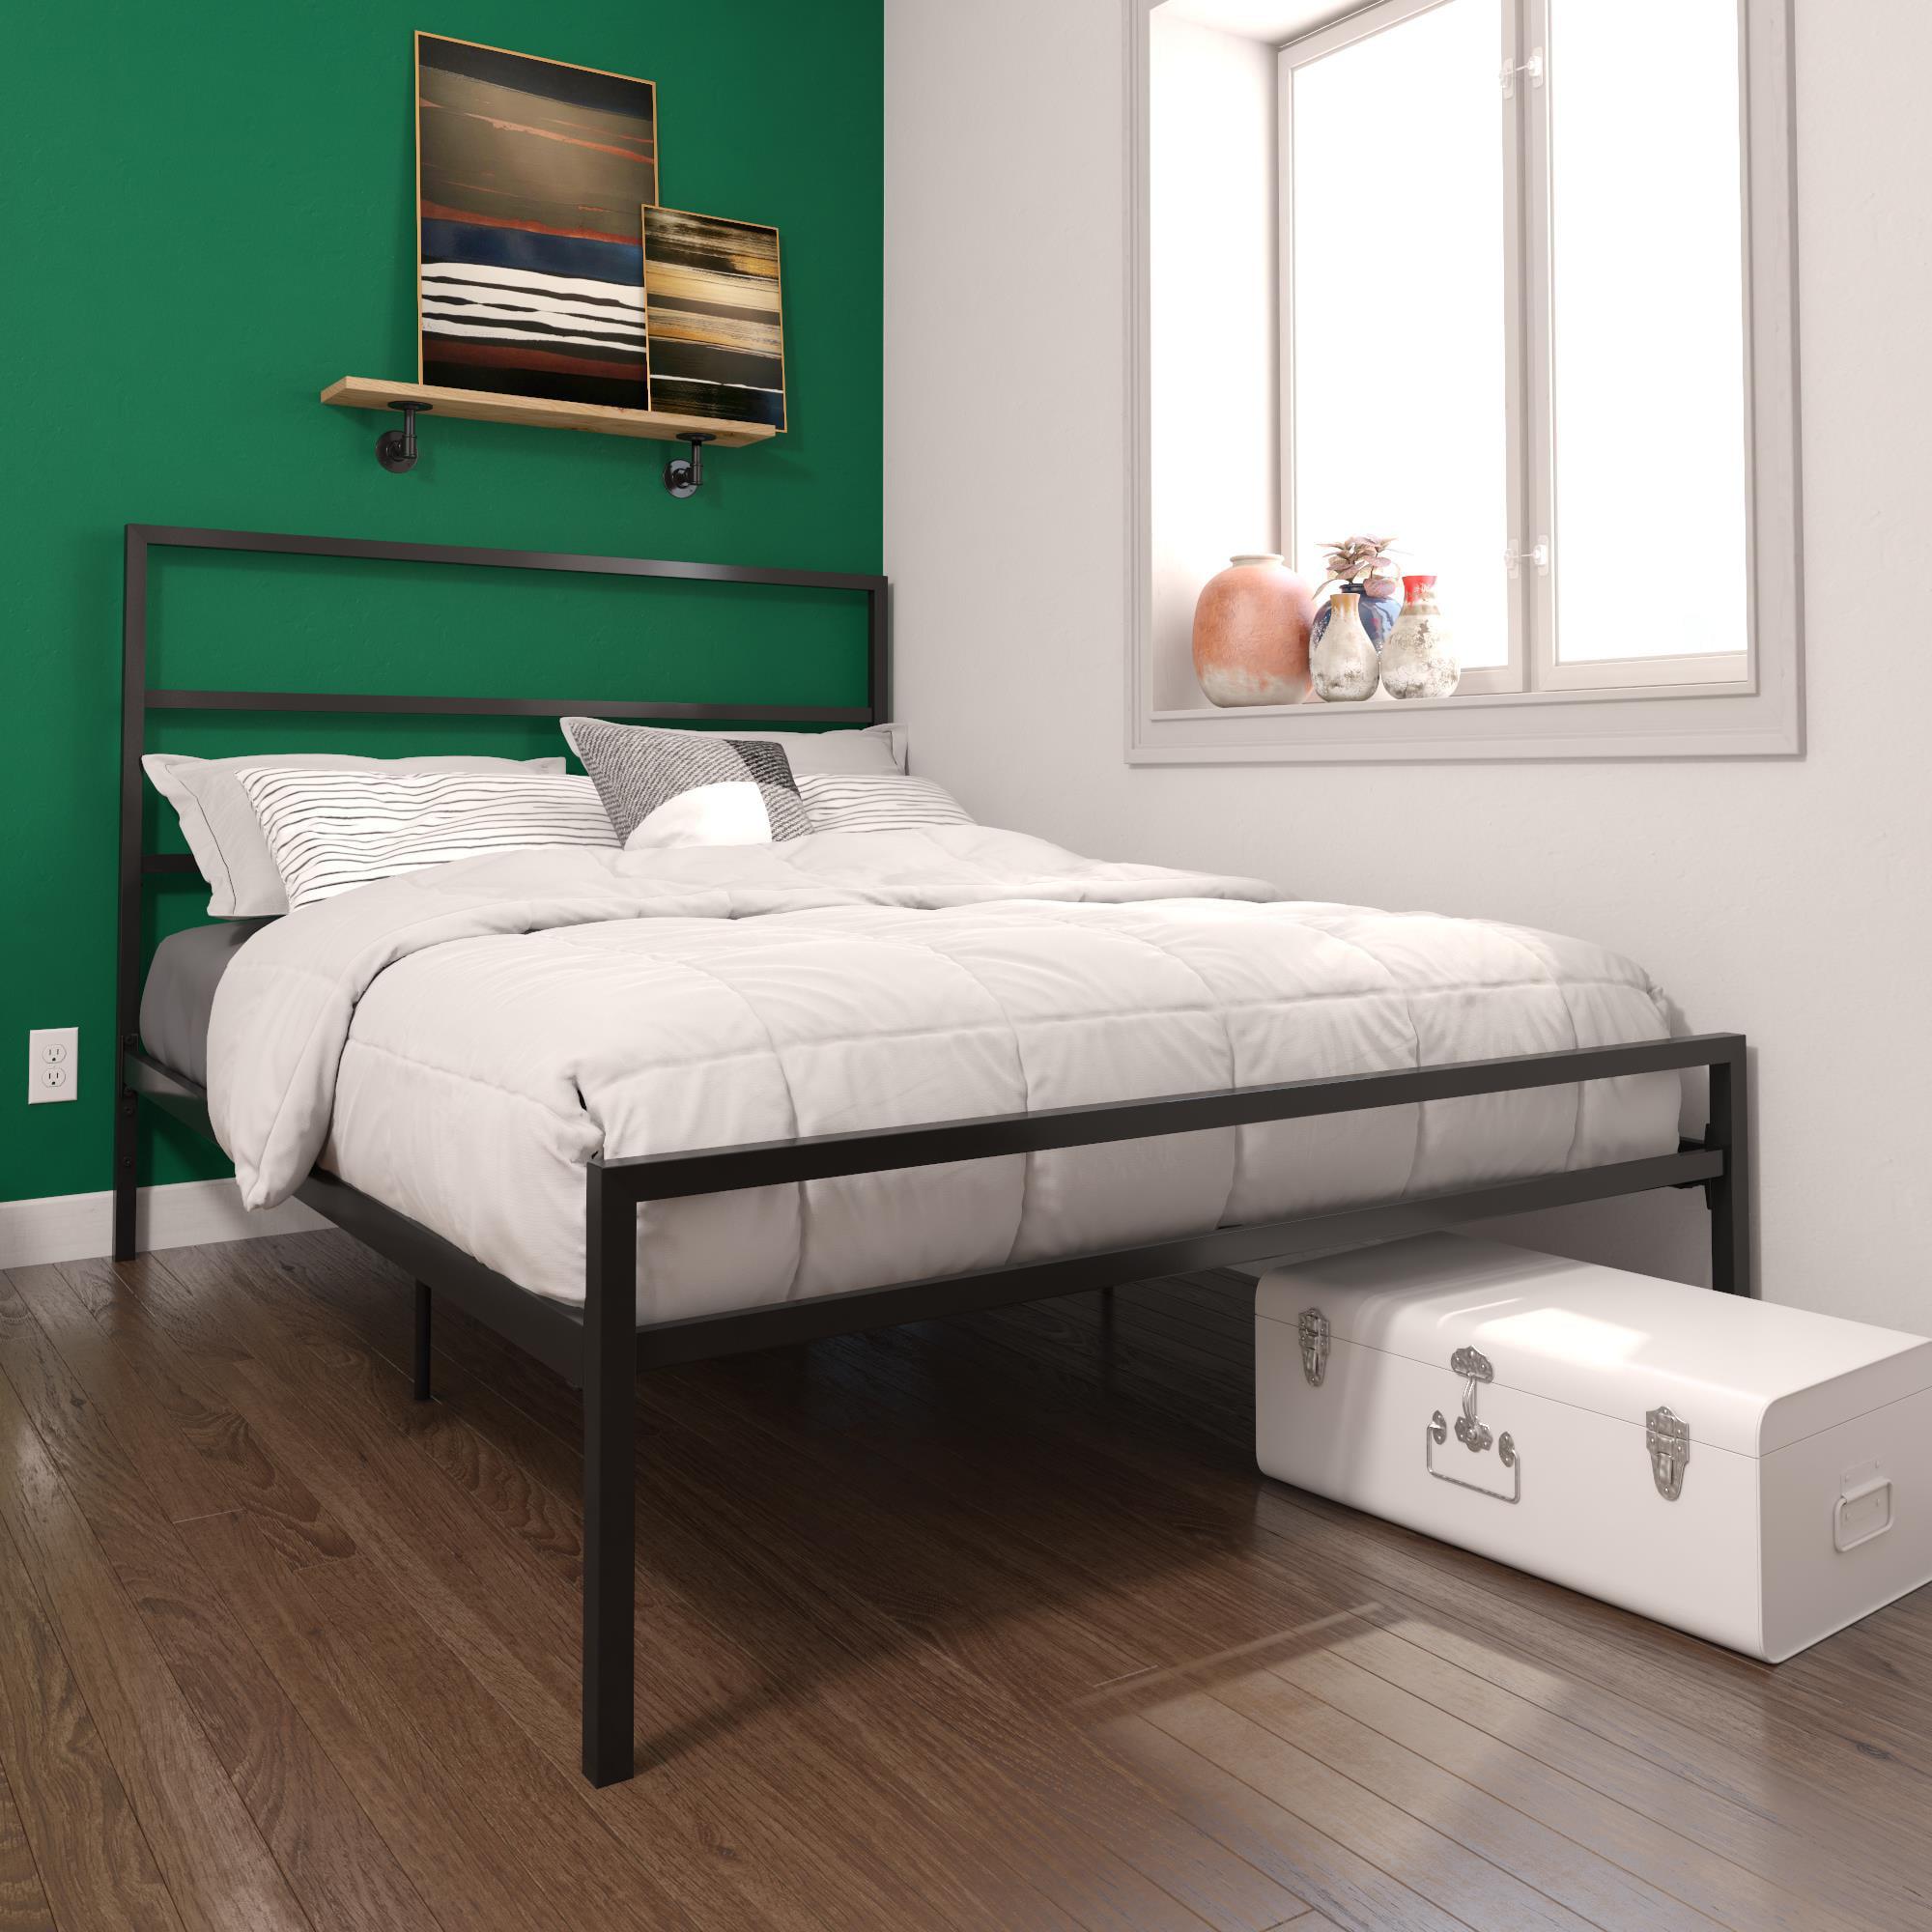 DHP Miles Metal Bed, Full Size Frame, Adjustable Under ...